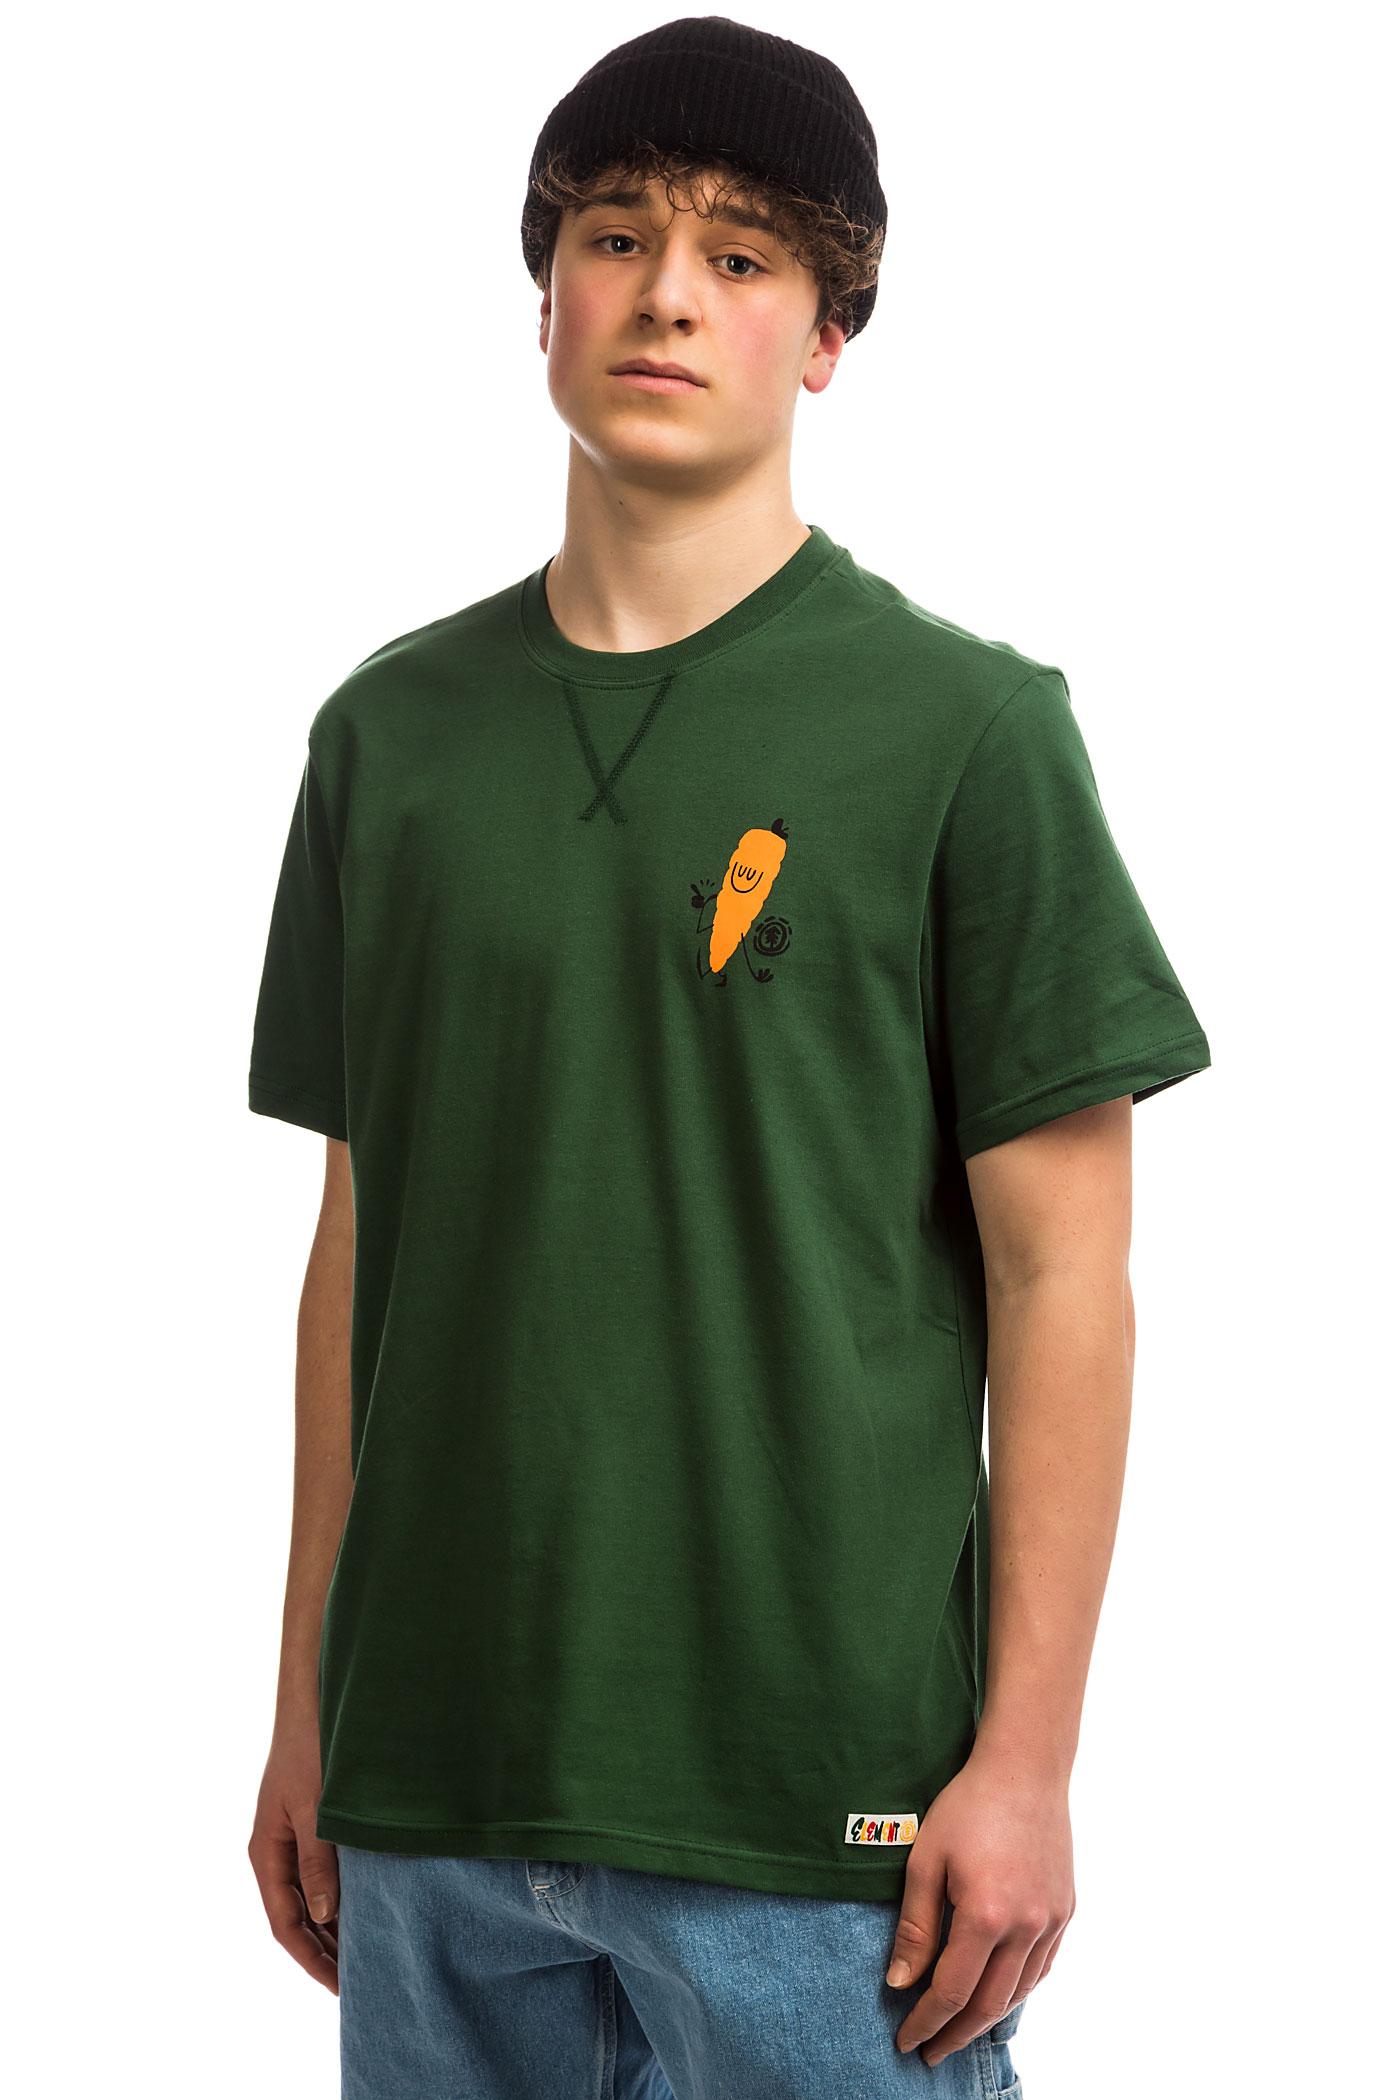 X Yawyd Healthy Element shirtkale T nvmNOy80w